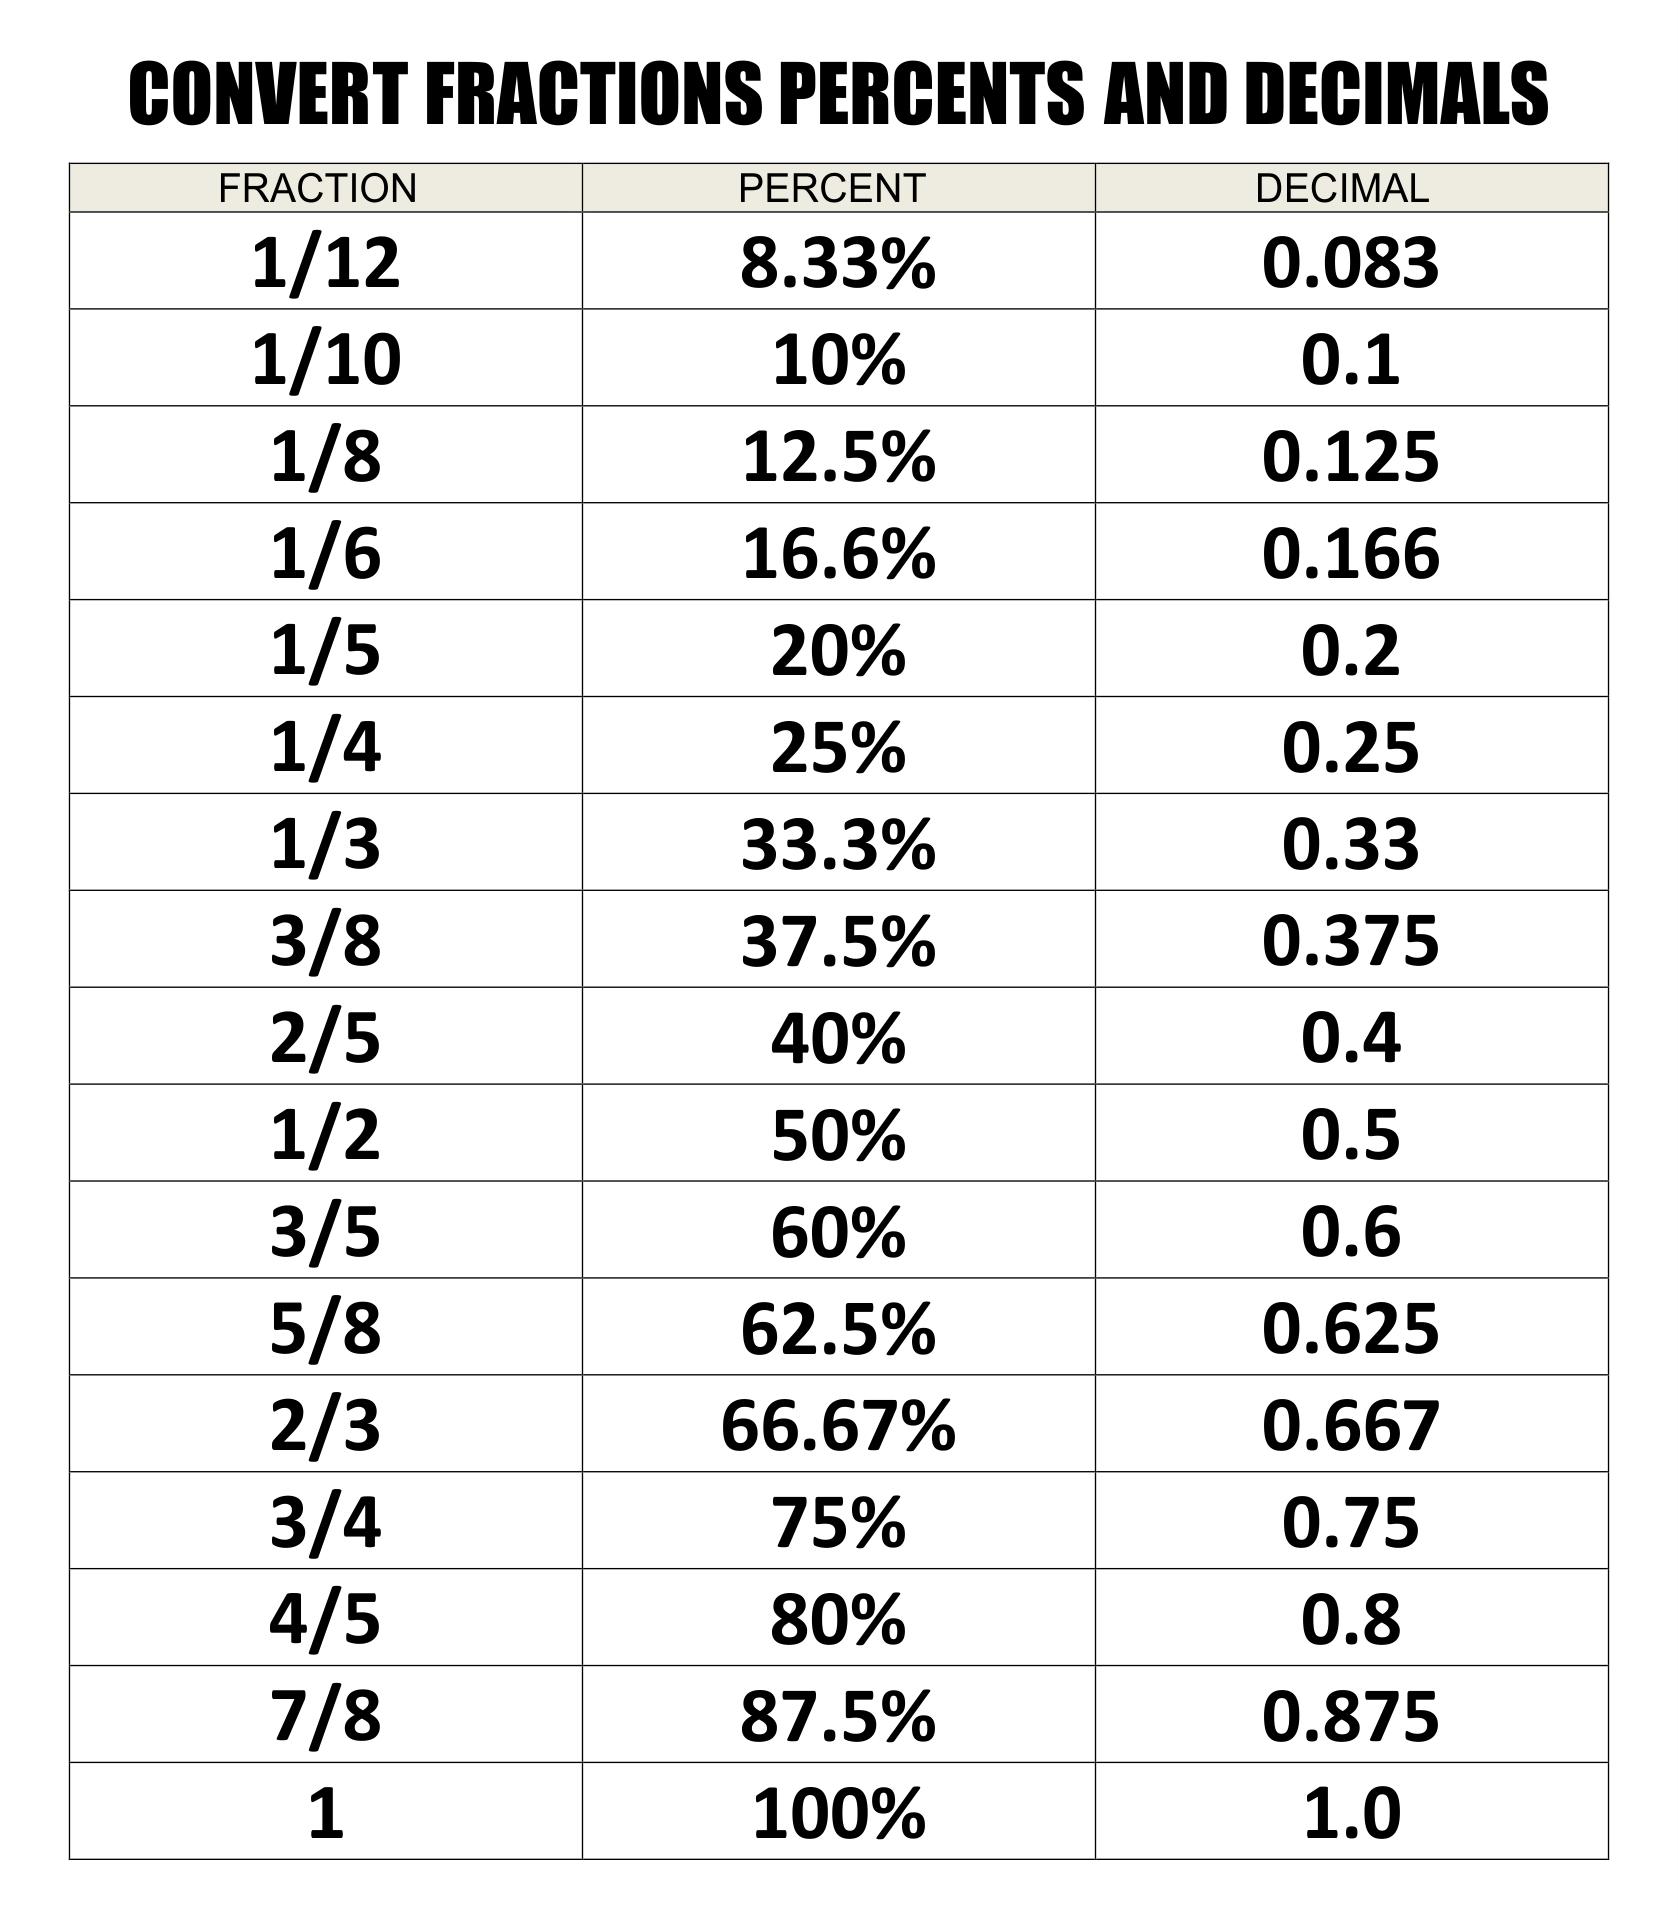 Fractions into Decimals Conversion Chart